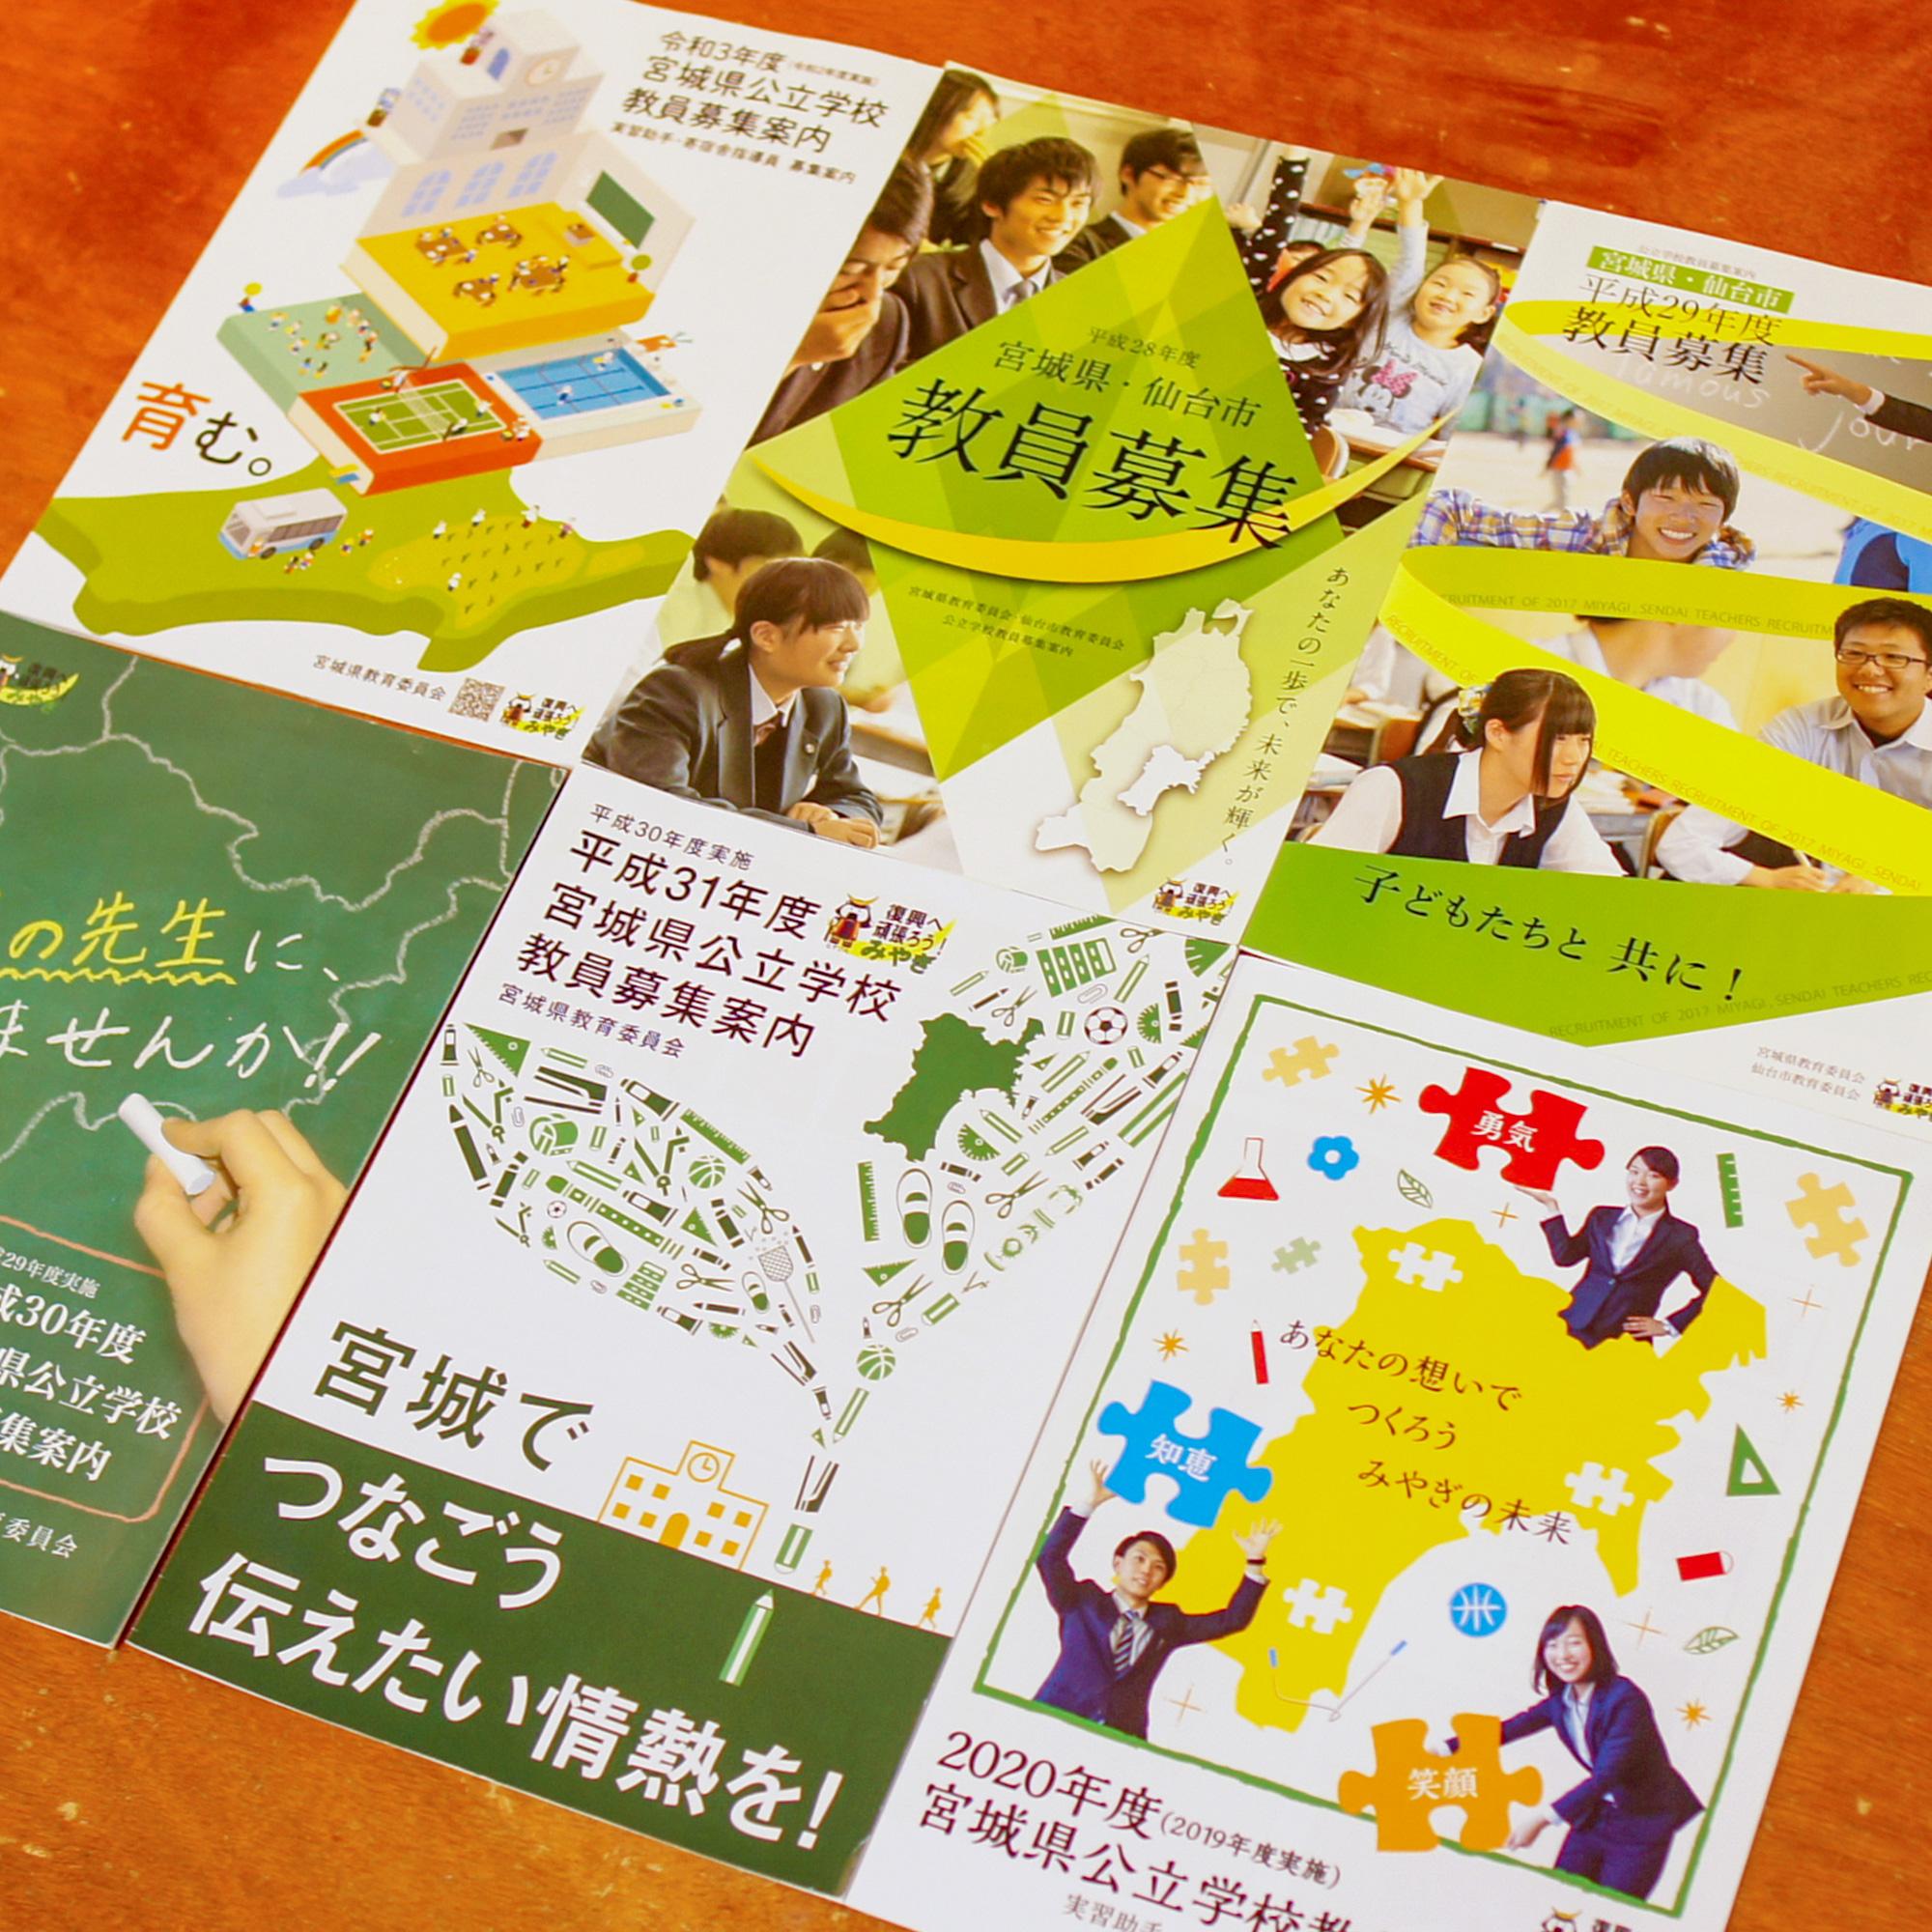 研究室プロジェクト:宮城県公立学校教員募集案内 パンフレット・ポスターデザイン